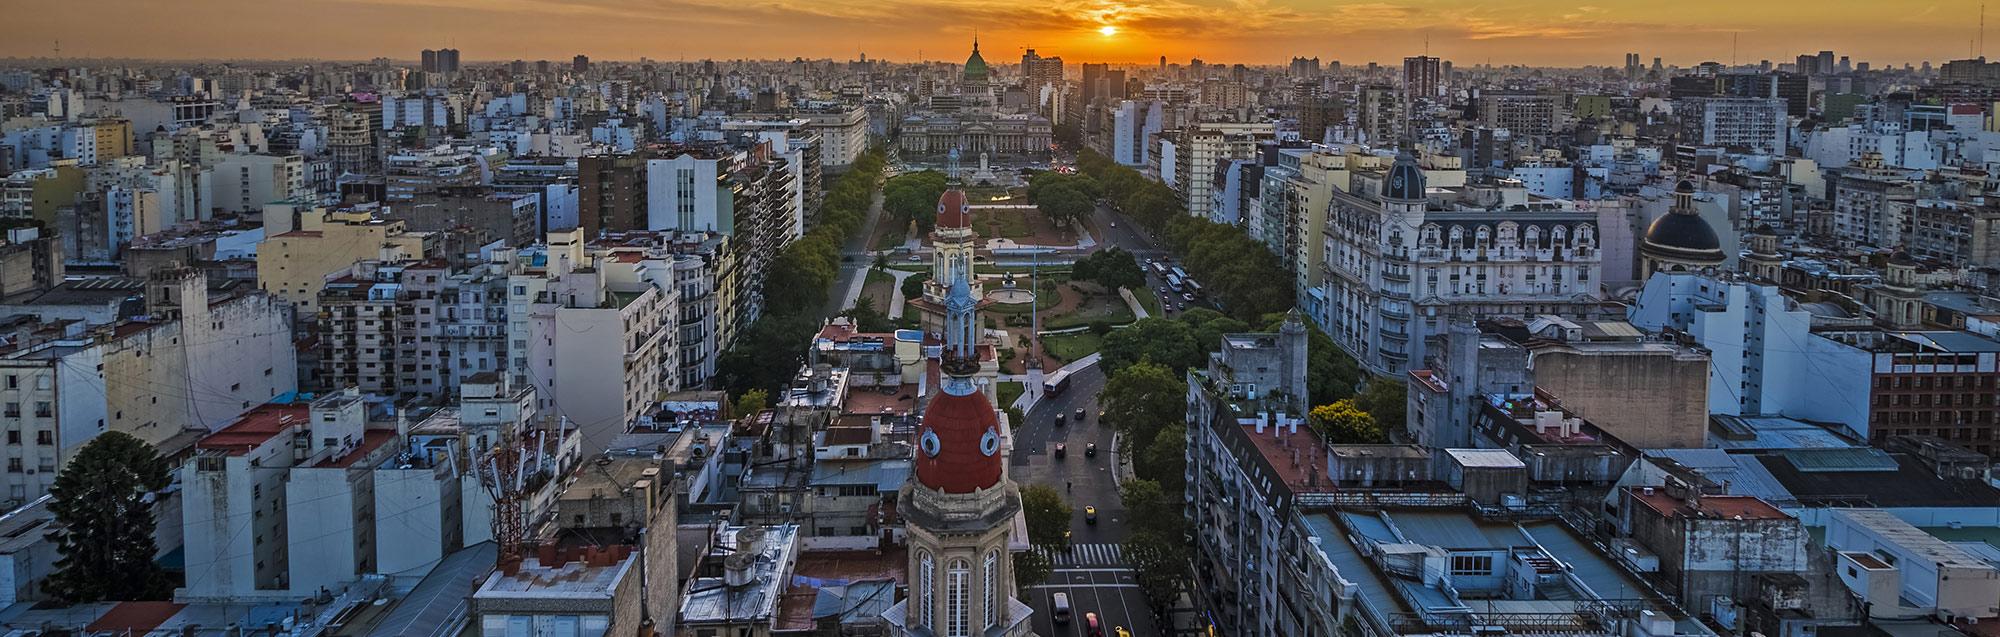 Dein Sprachkurs in einer Sprachschule Buenos Aires